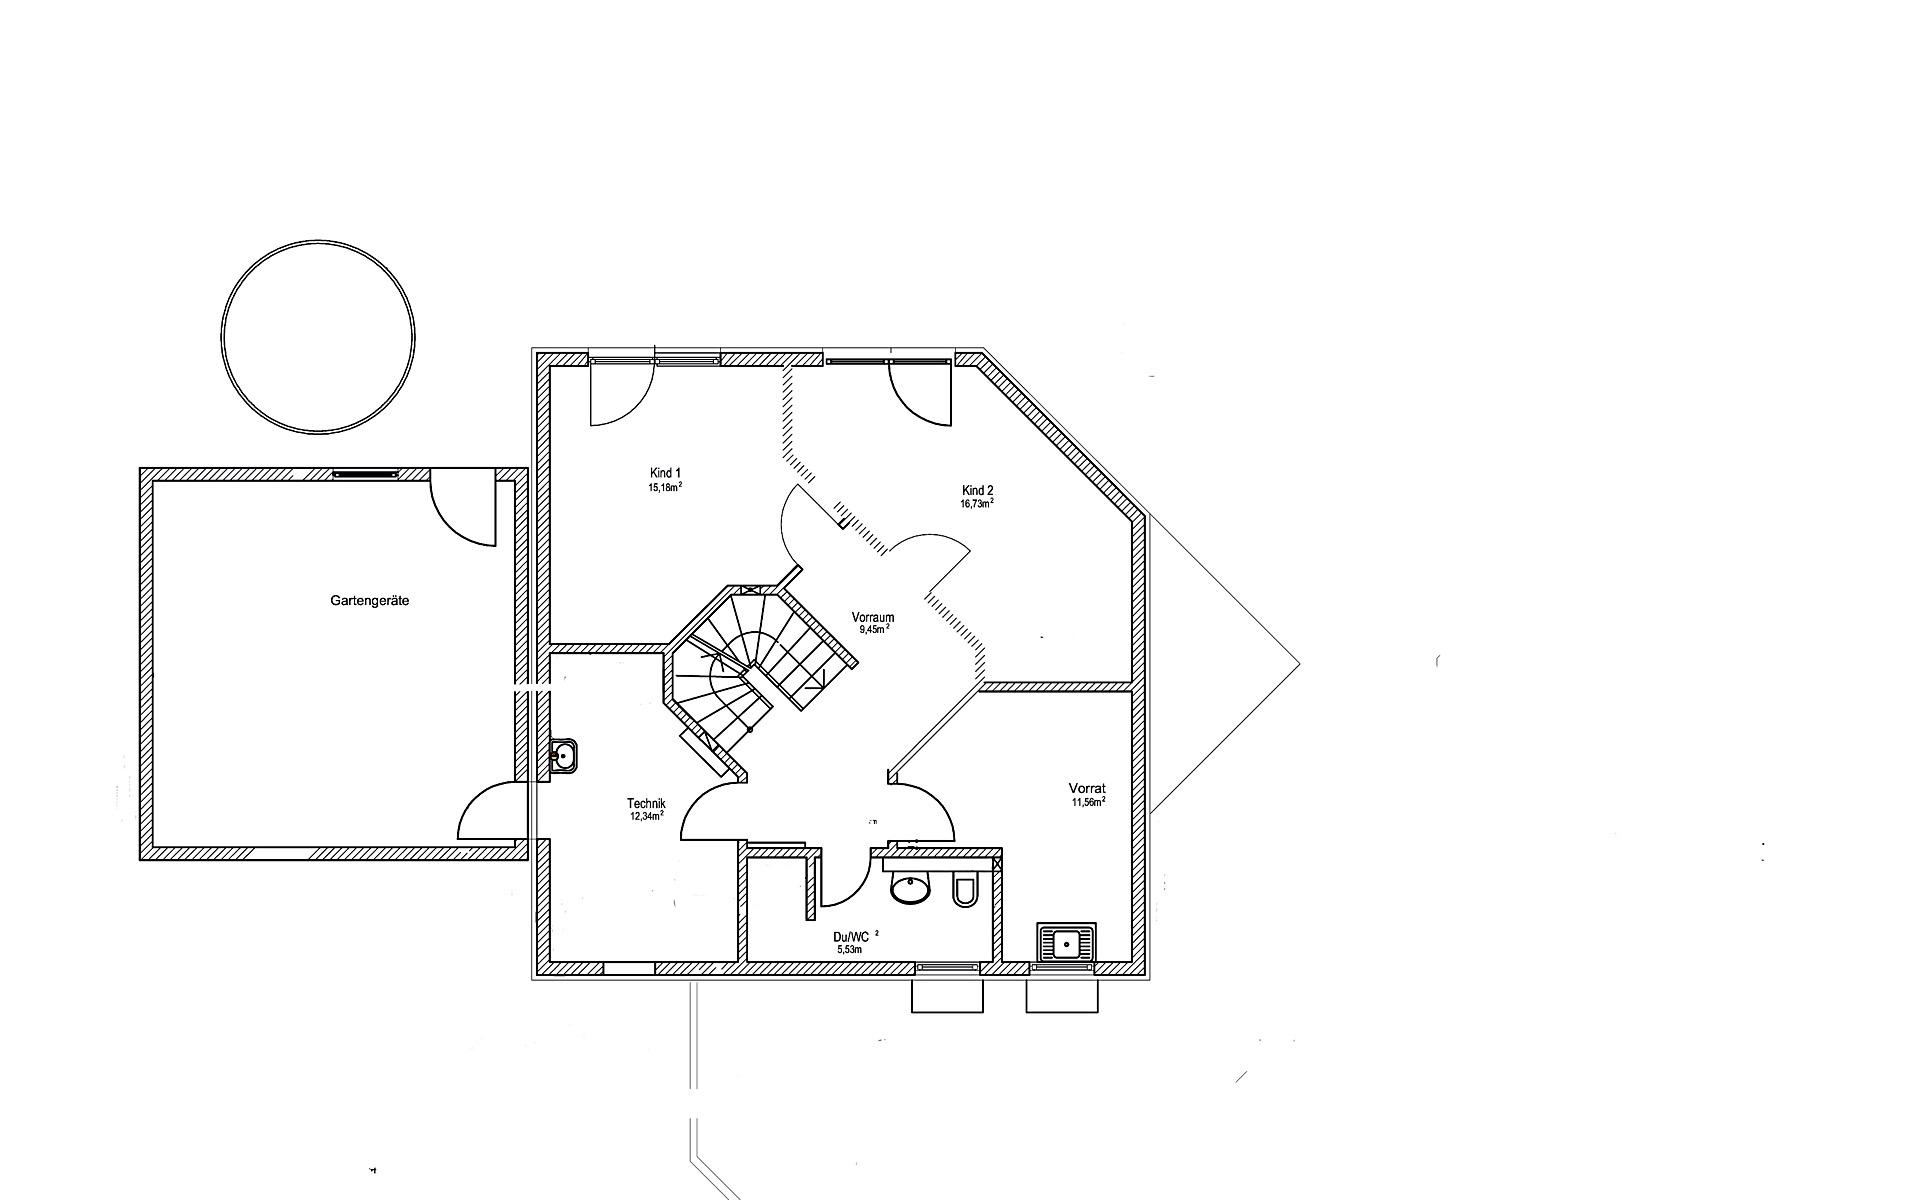 Keller Satteldach Landhaus 144 von LUXHAUS Vertrieb GmbH & Co. KG